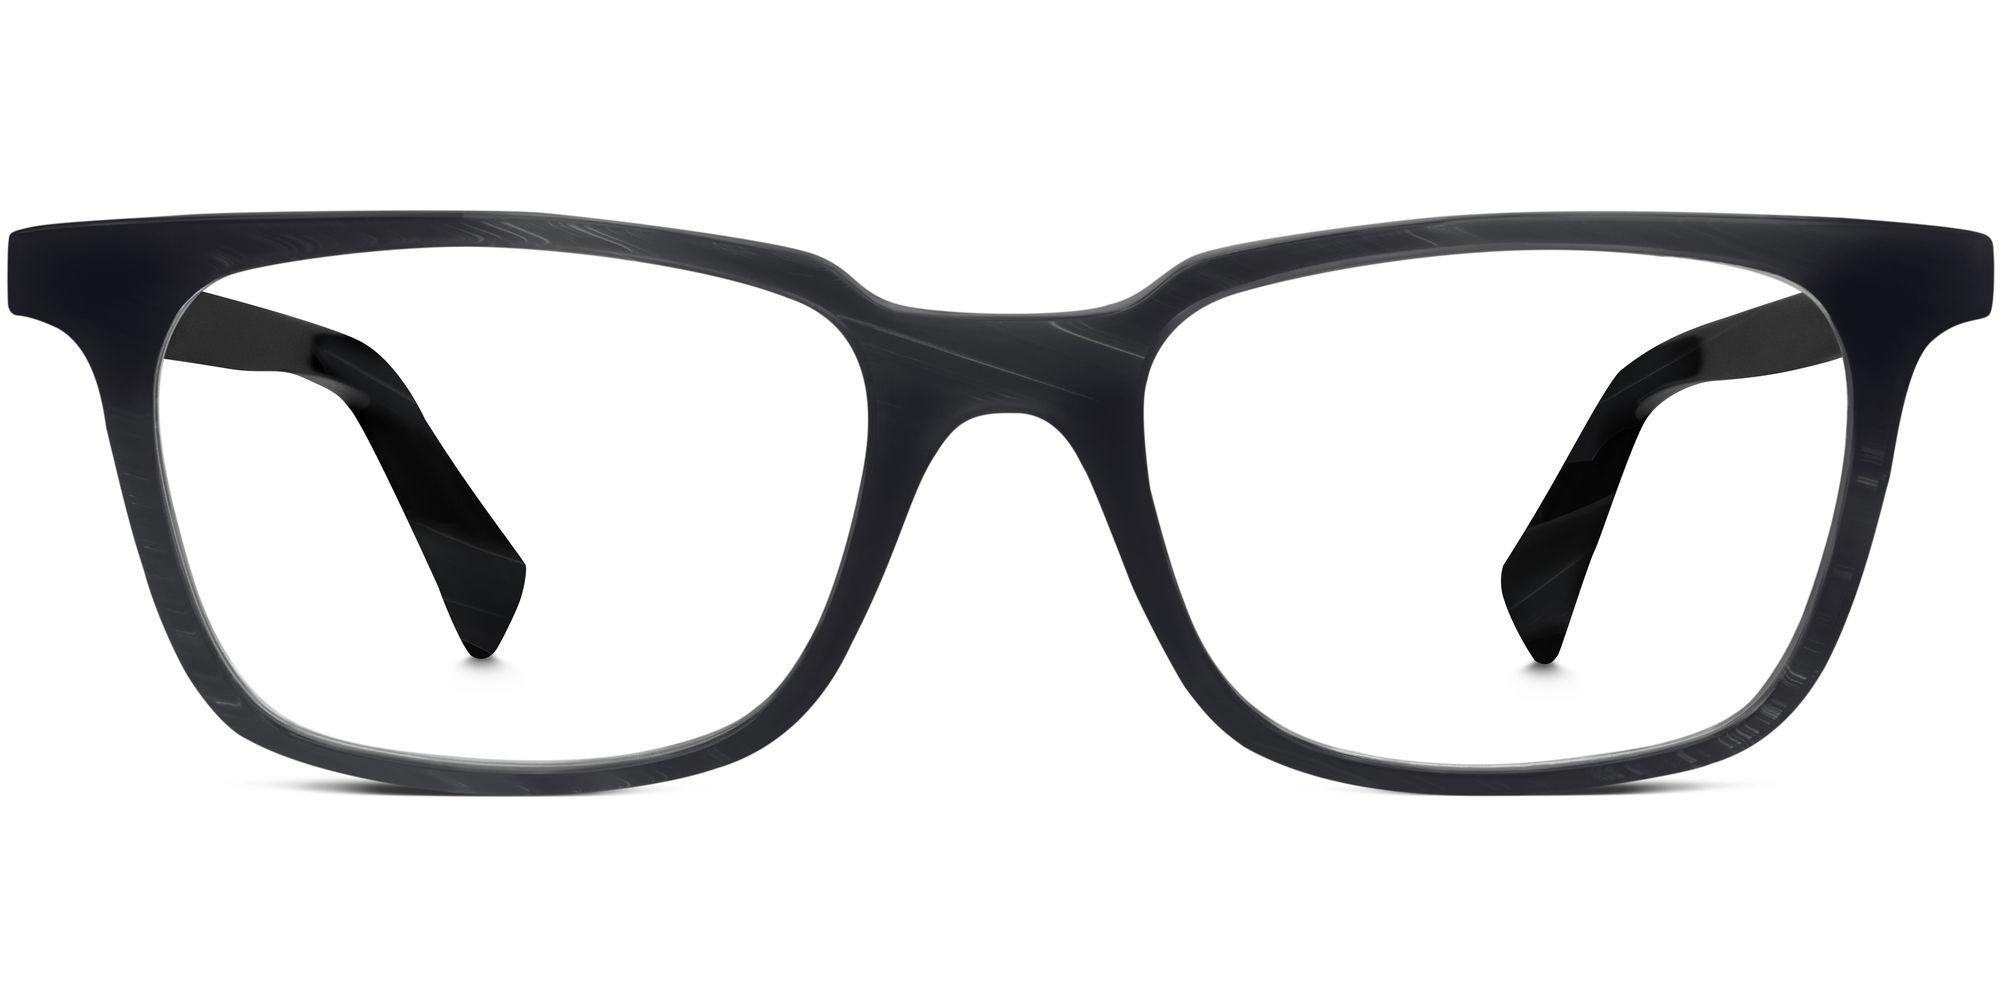 Warby Parker Eyeglasses - Barnett in Sharkskin Pearl Horn